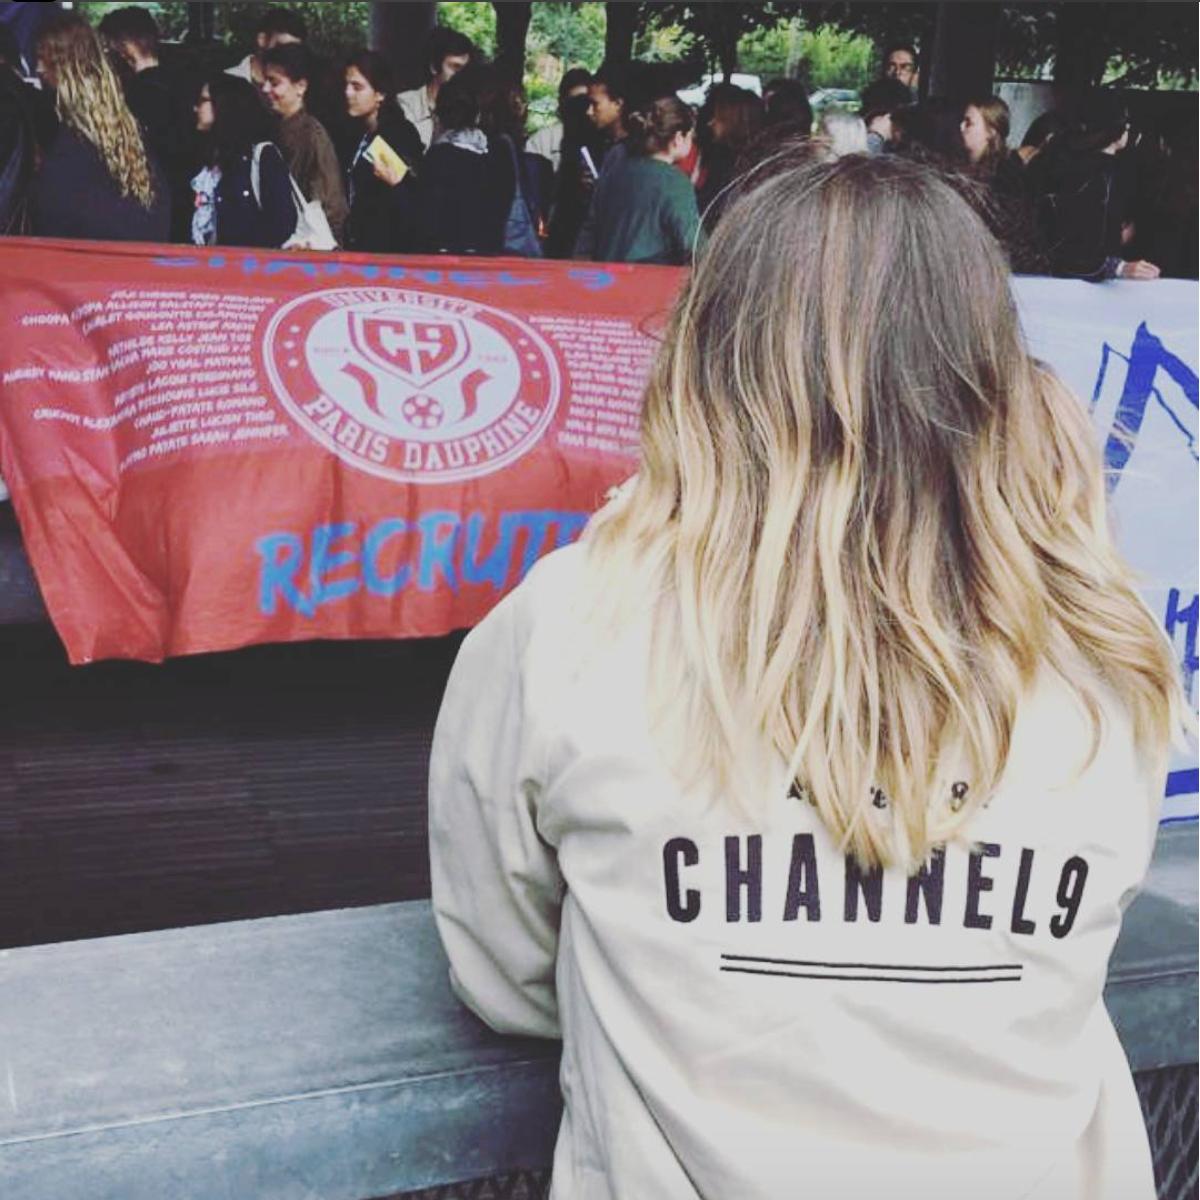 Channel 9 - Université Paris Dauphine